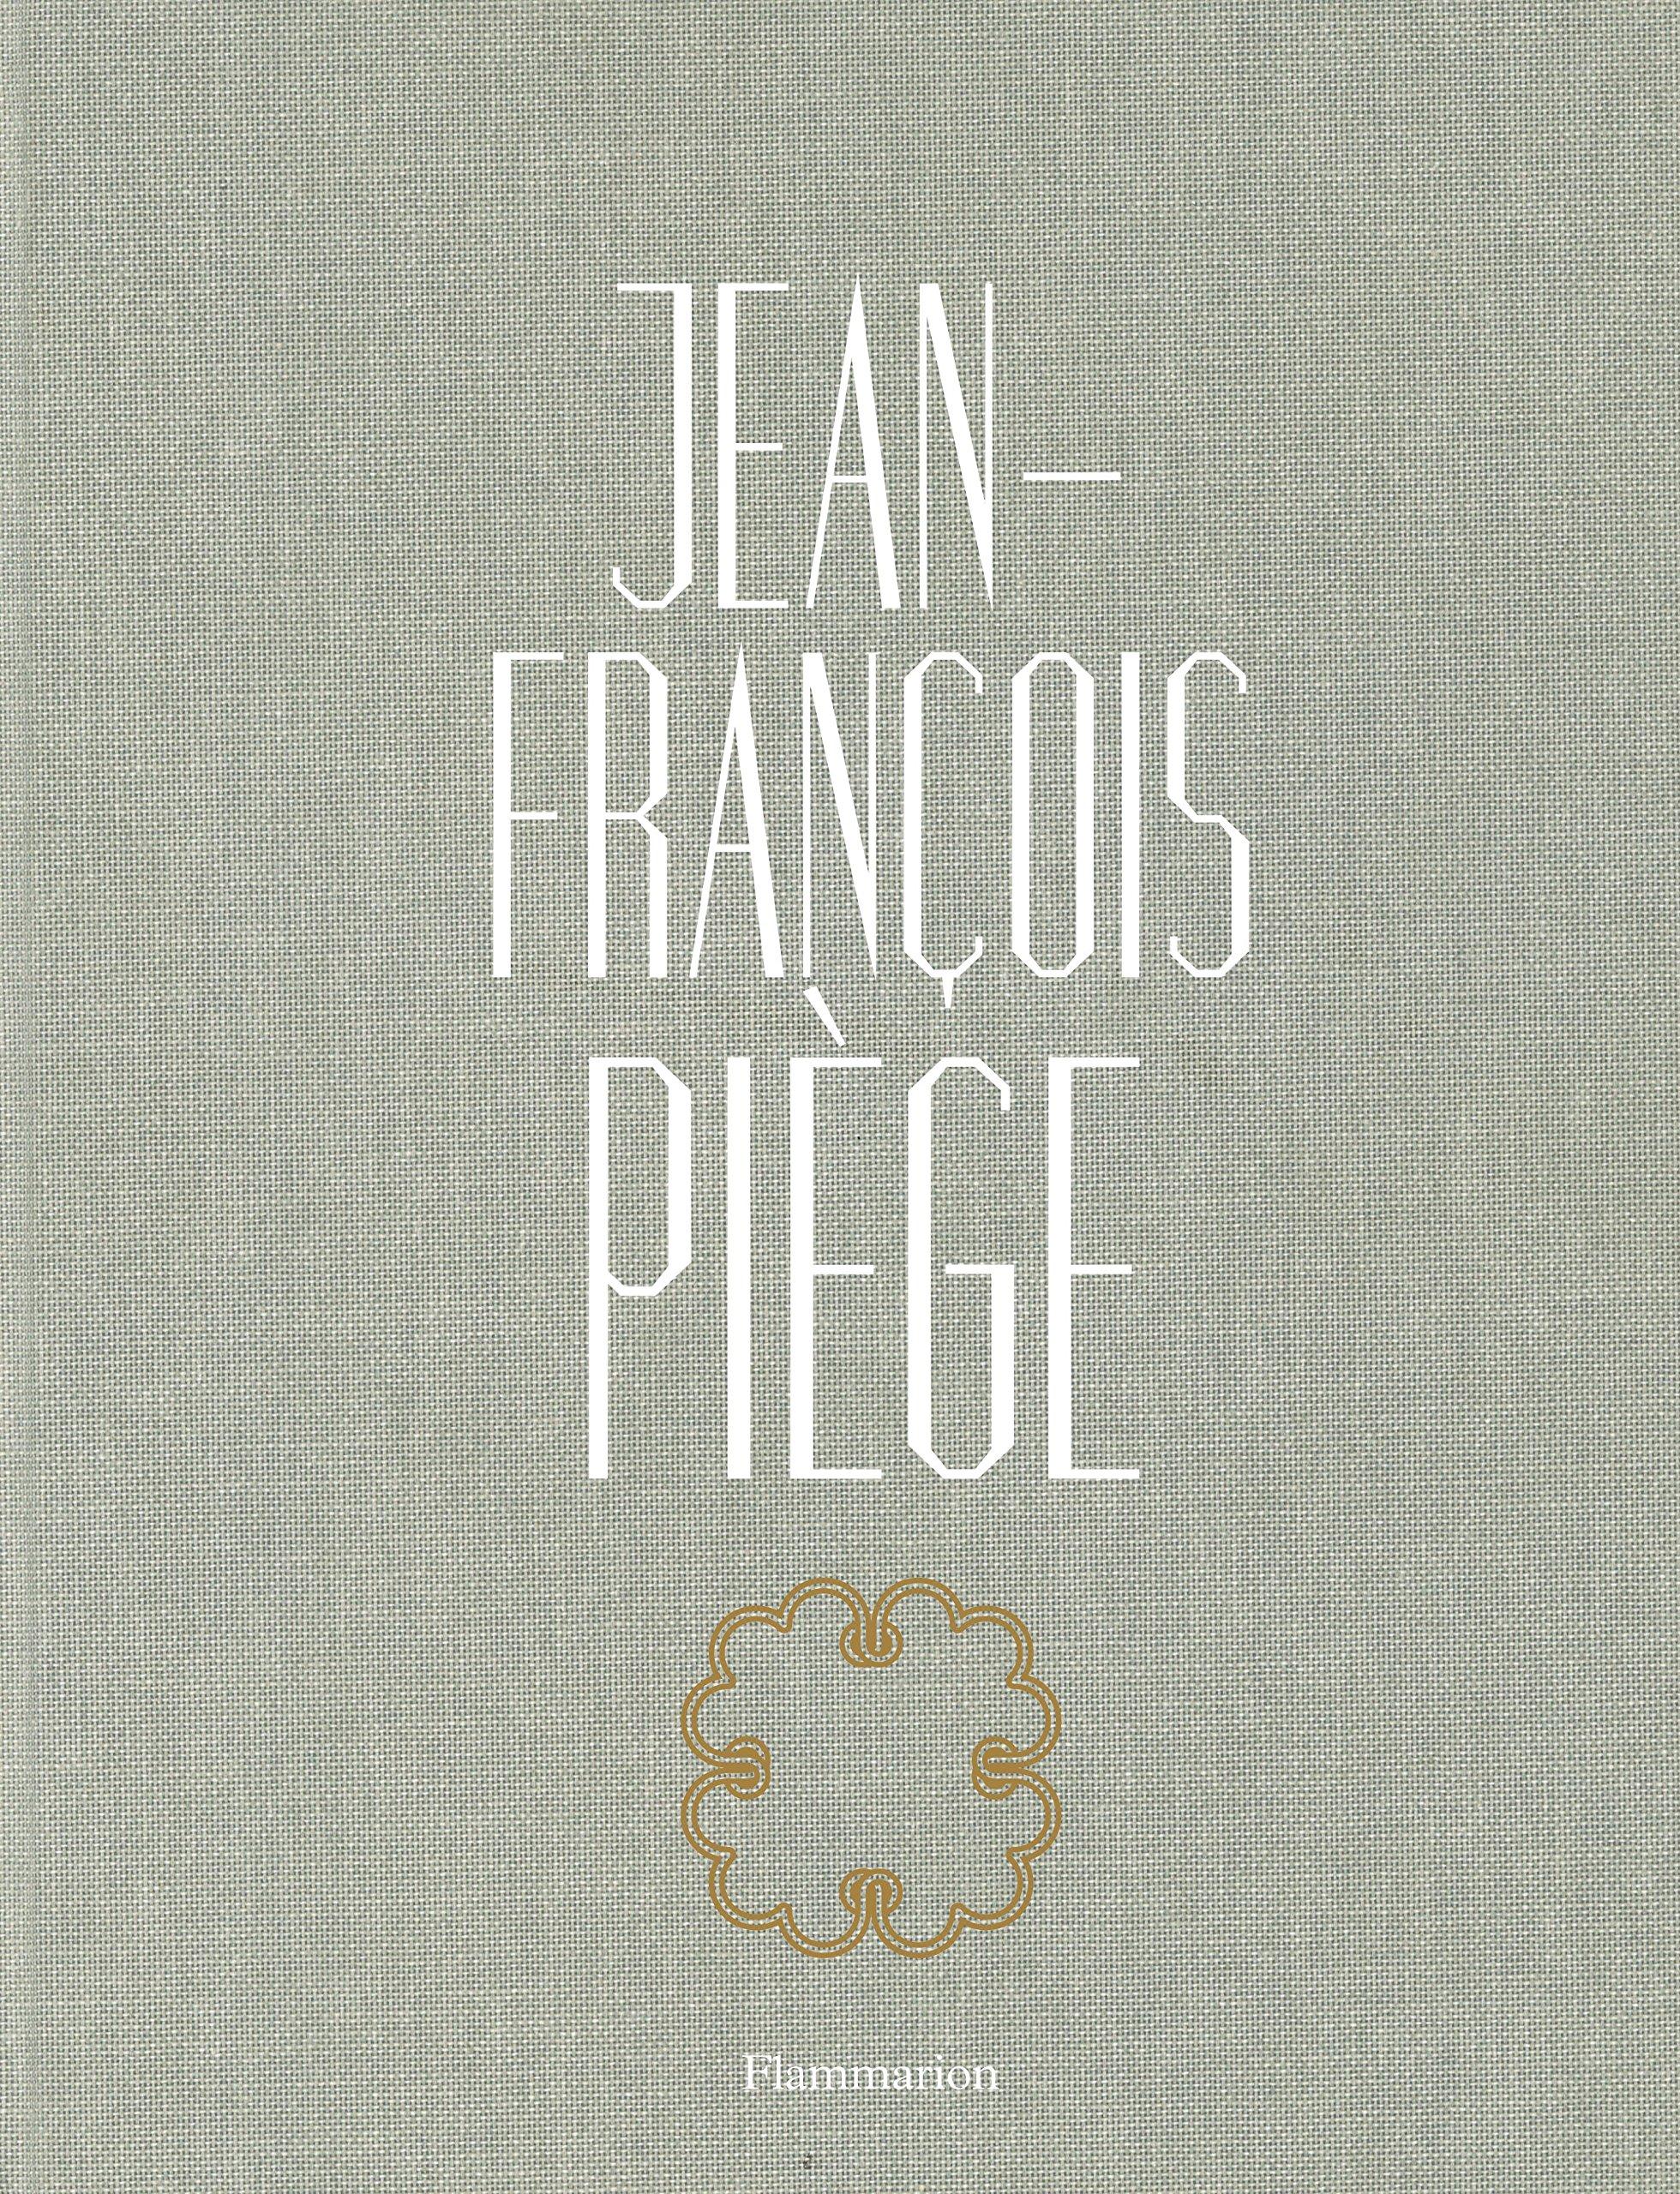 Jean-Francois Piege ebook